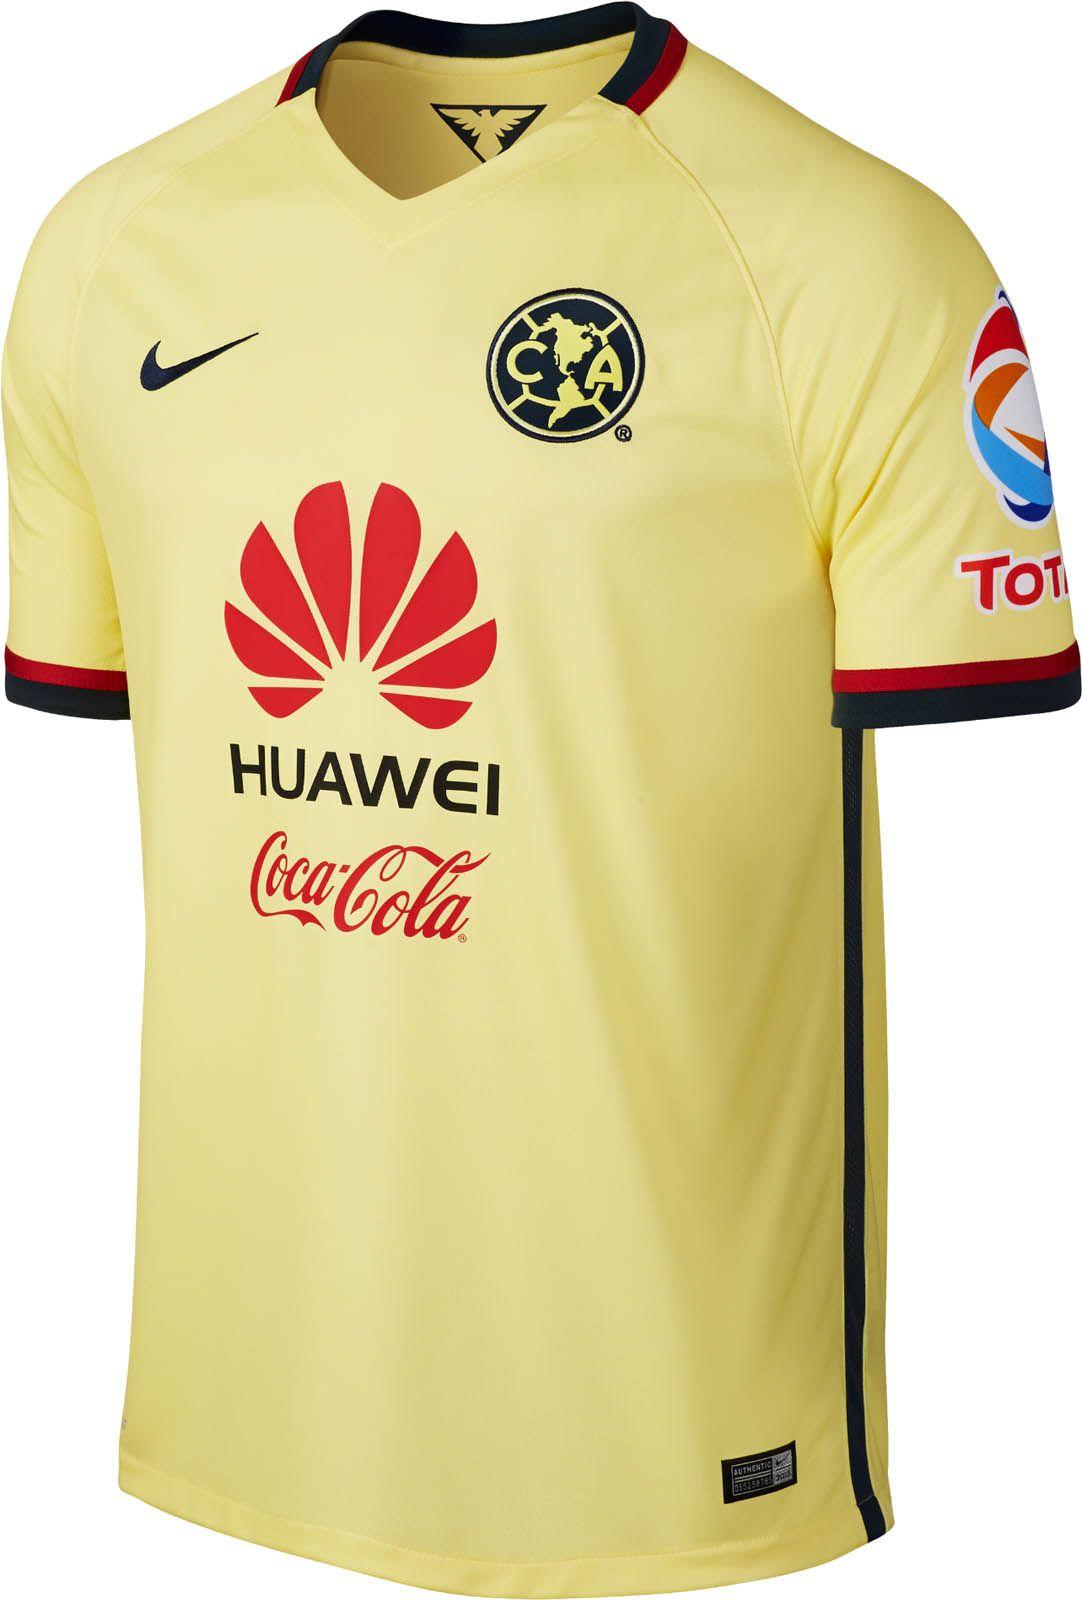 Club de Fútbol América (Mexico) - 2015 2016 Nike Home Shirt ... ad807bd14406c